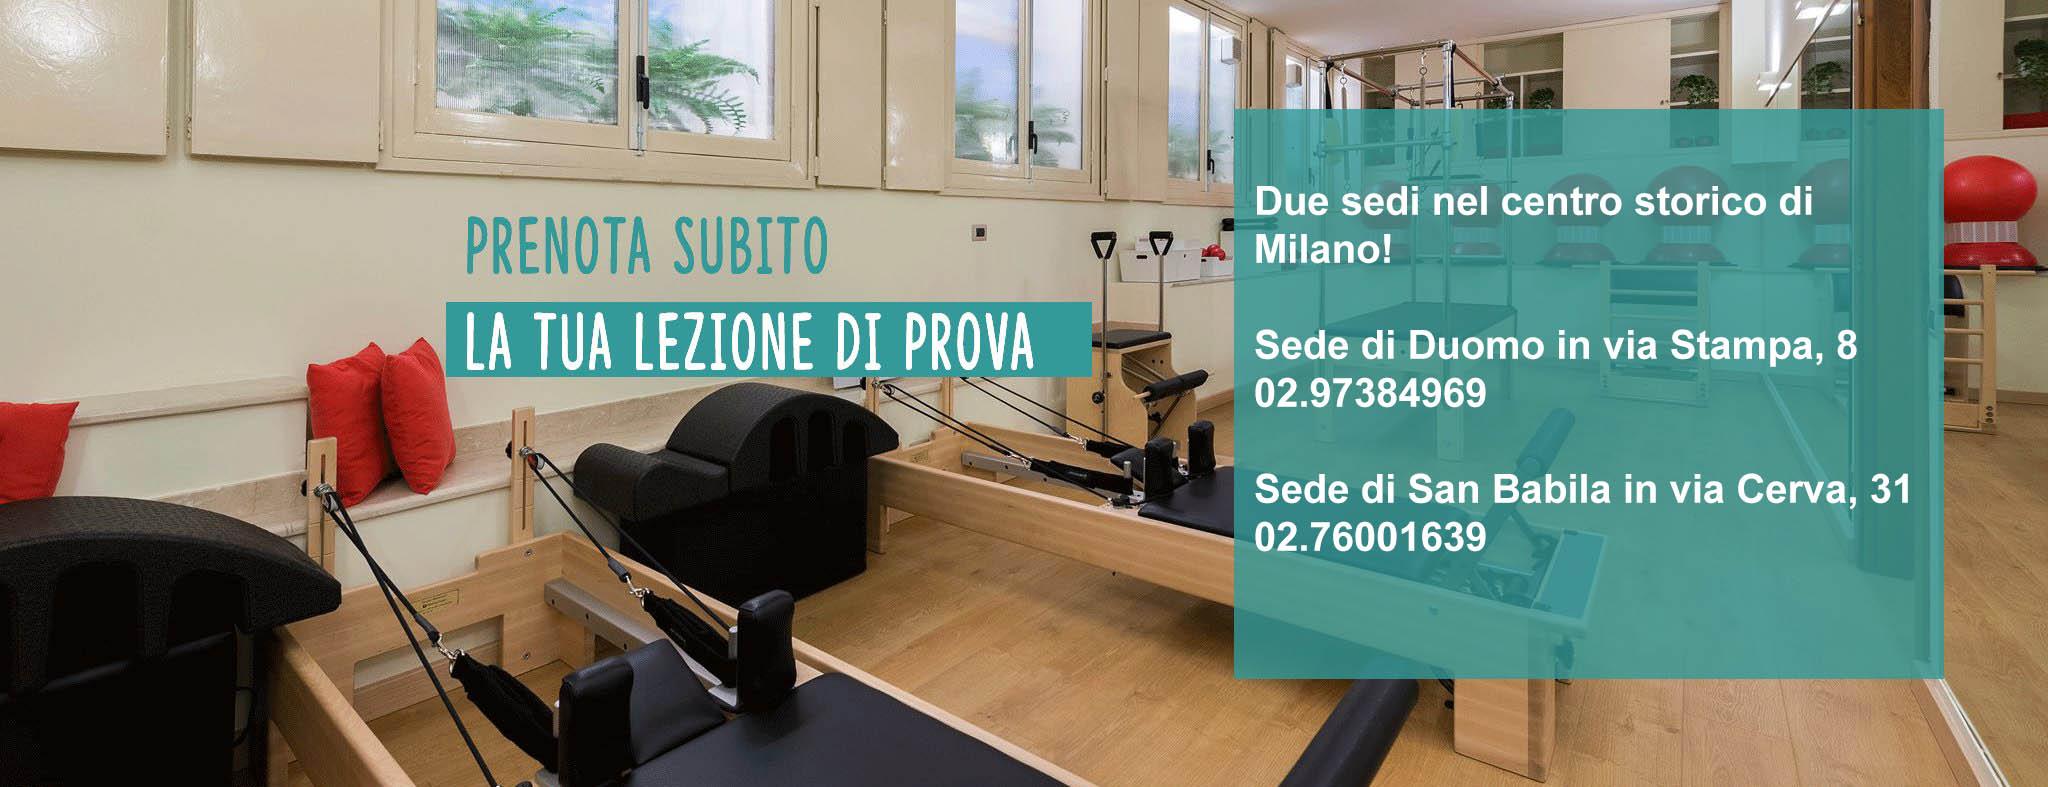 Ginnastica Posturale San Vittore Milano - Prenota subito la tua lezione di prova